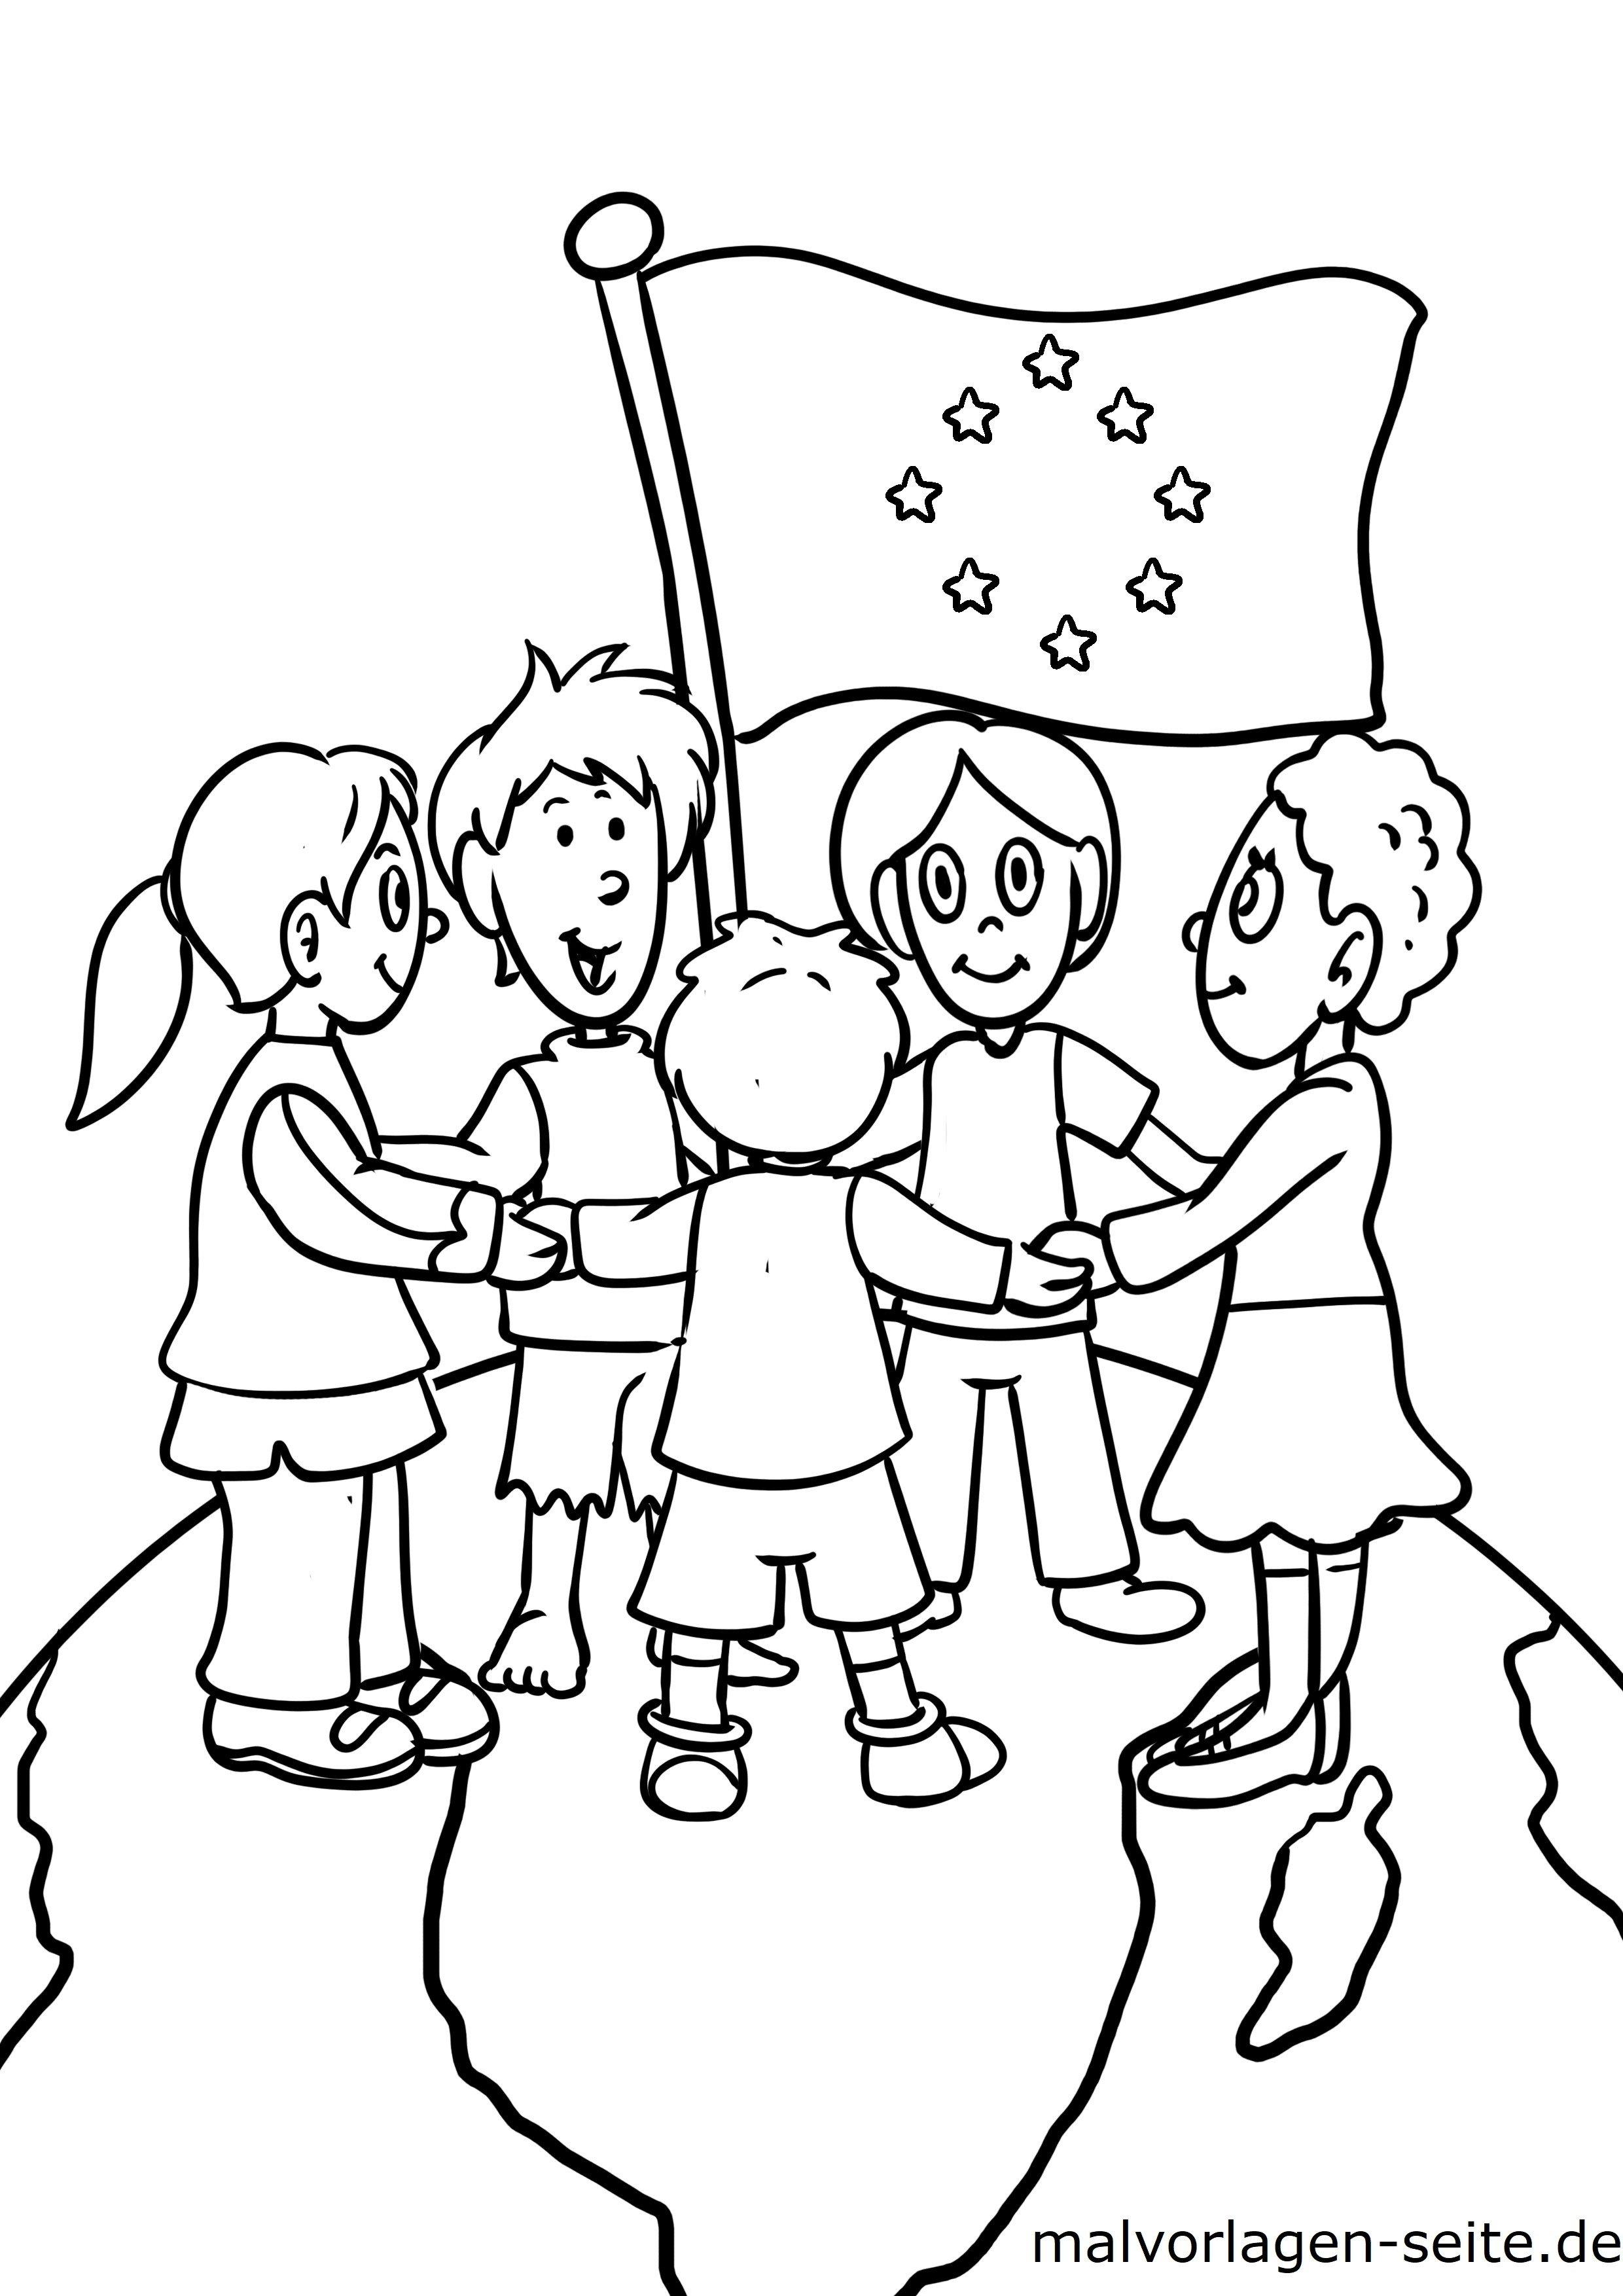 Malvorlage Für Kinder Gratis Malvorlagen Zum Download